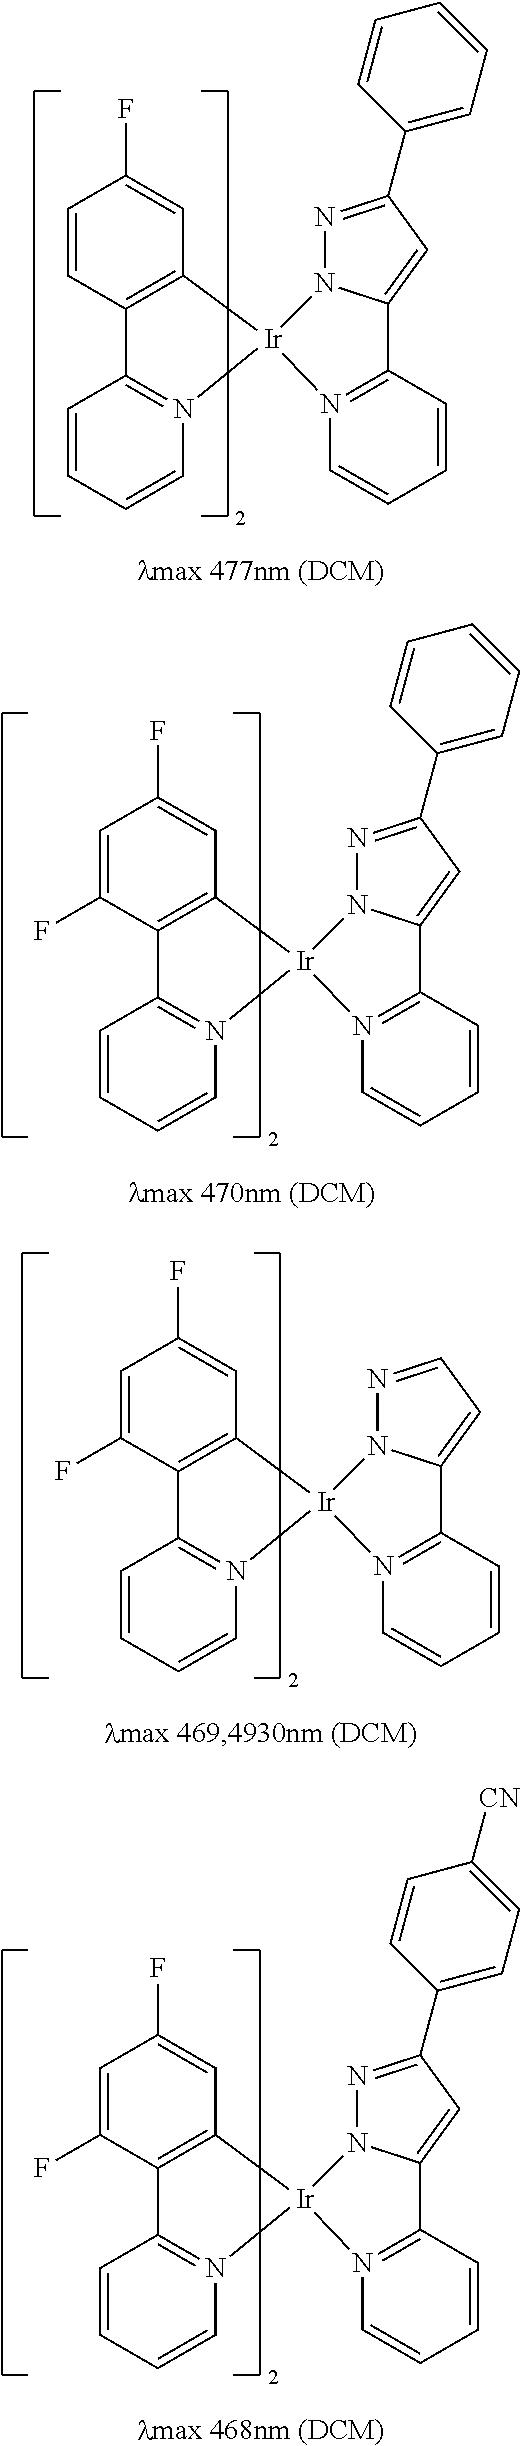 Figure US20100327264A1-20101230-C00012